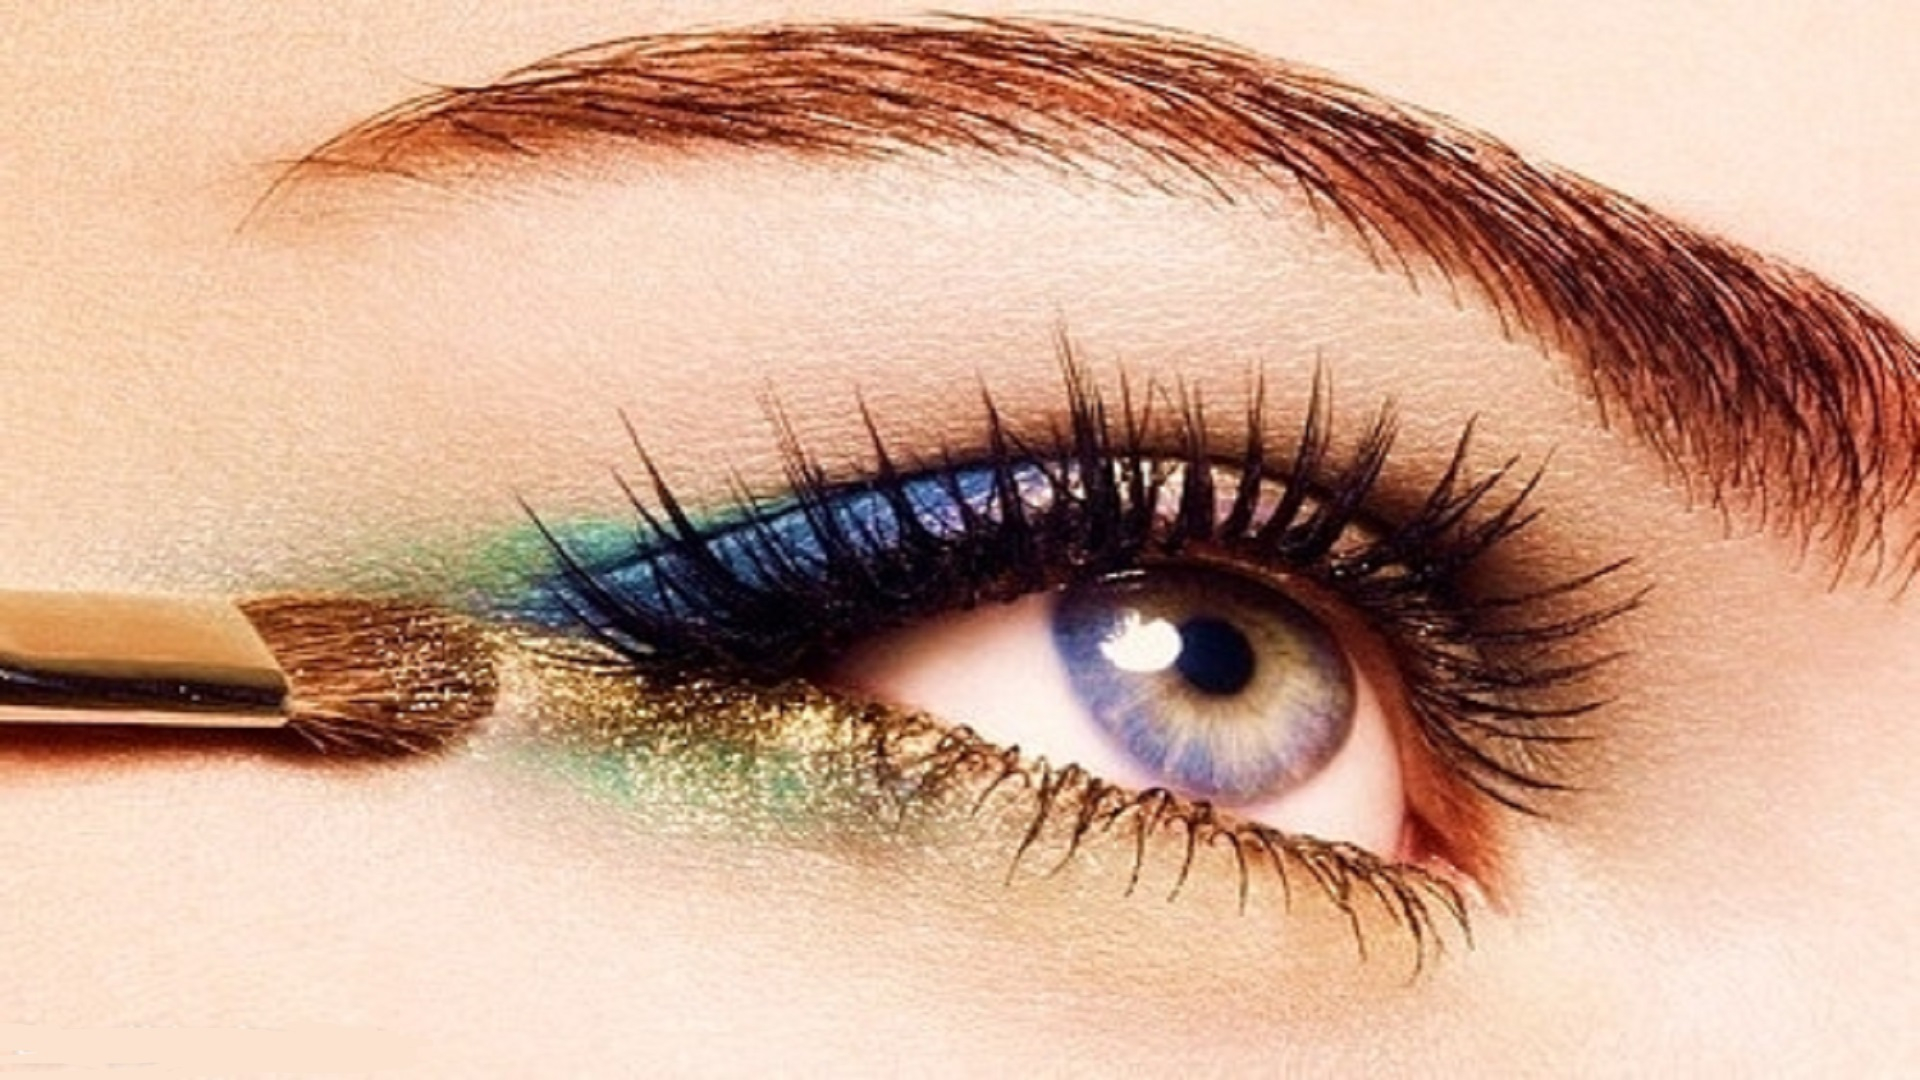 Eyes Makeup Hd Photos Makeupamat Com - Make Up Full Hd , HD Wallpaper & Backgrounds